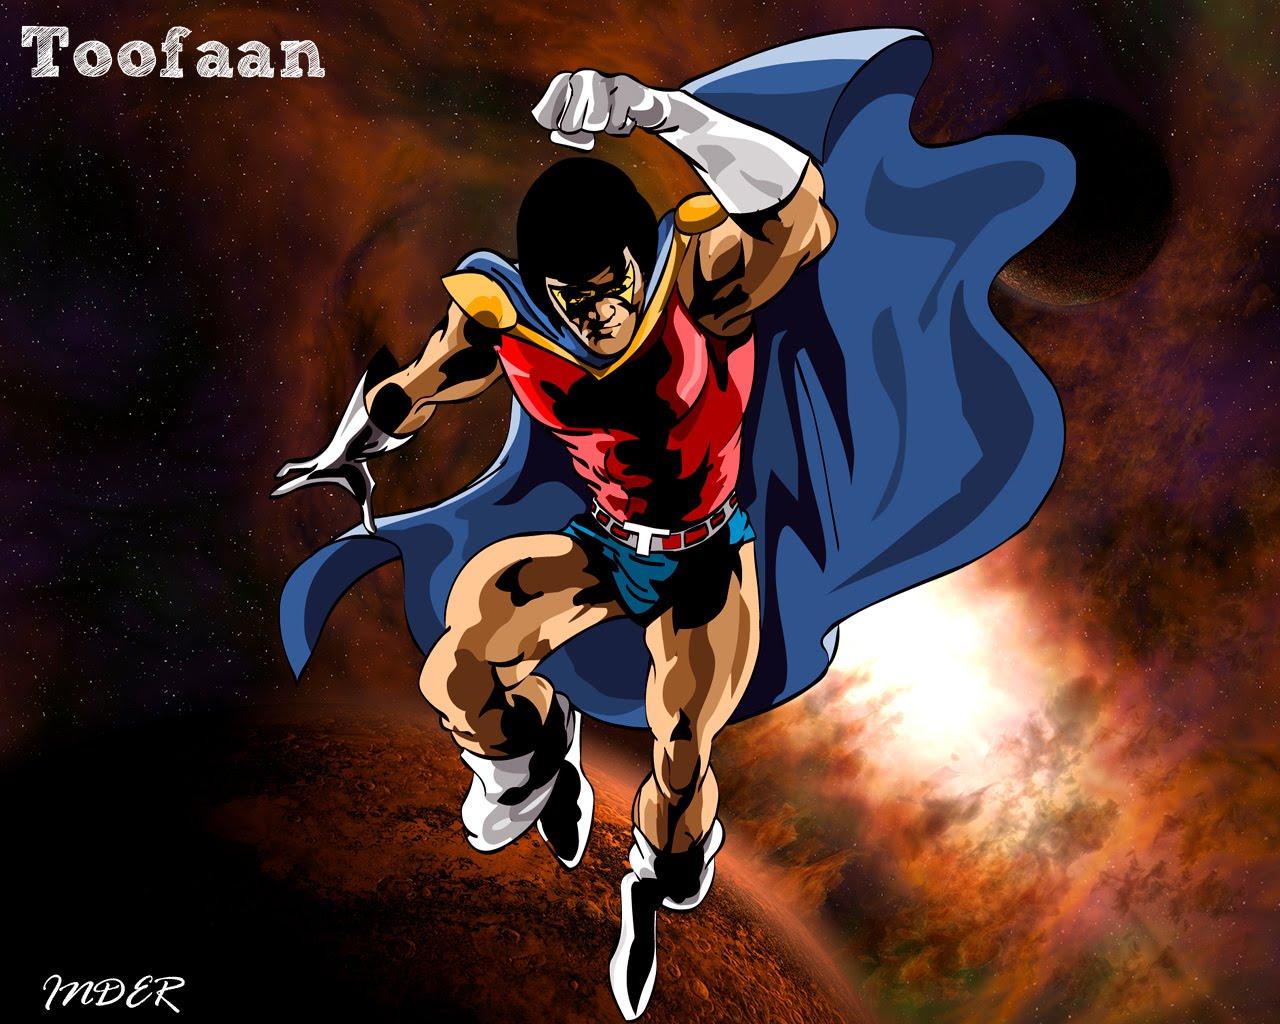 75+] Super Hero Wallpaper on WallpaperSafari